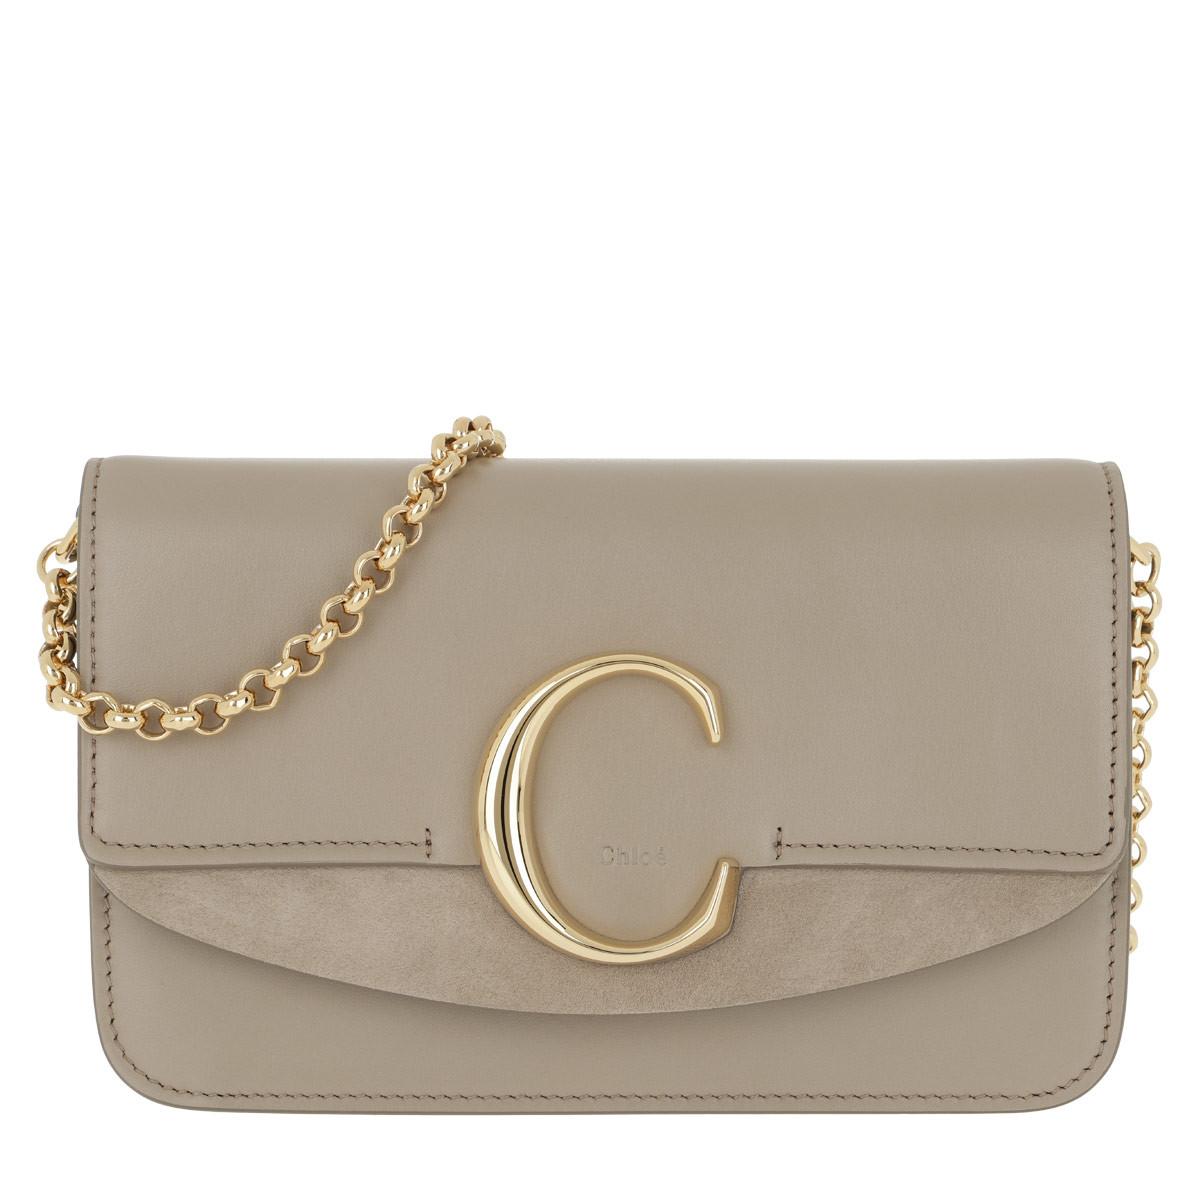 Chloé Umhängetasche - C Clutch With Chain Motty Grey - in beige - für Damen